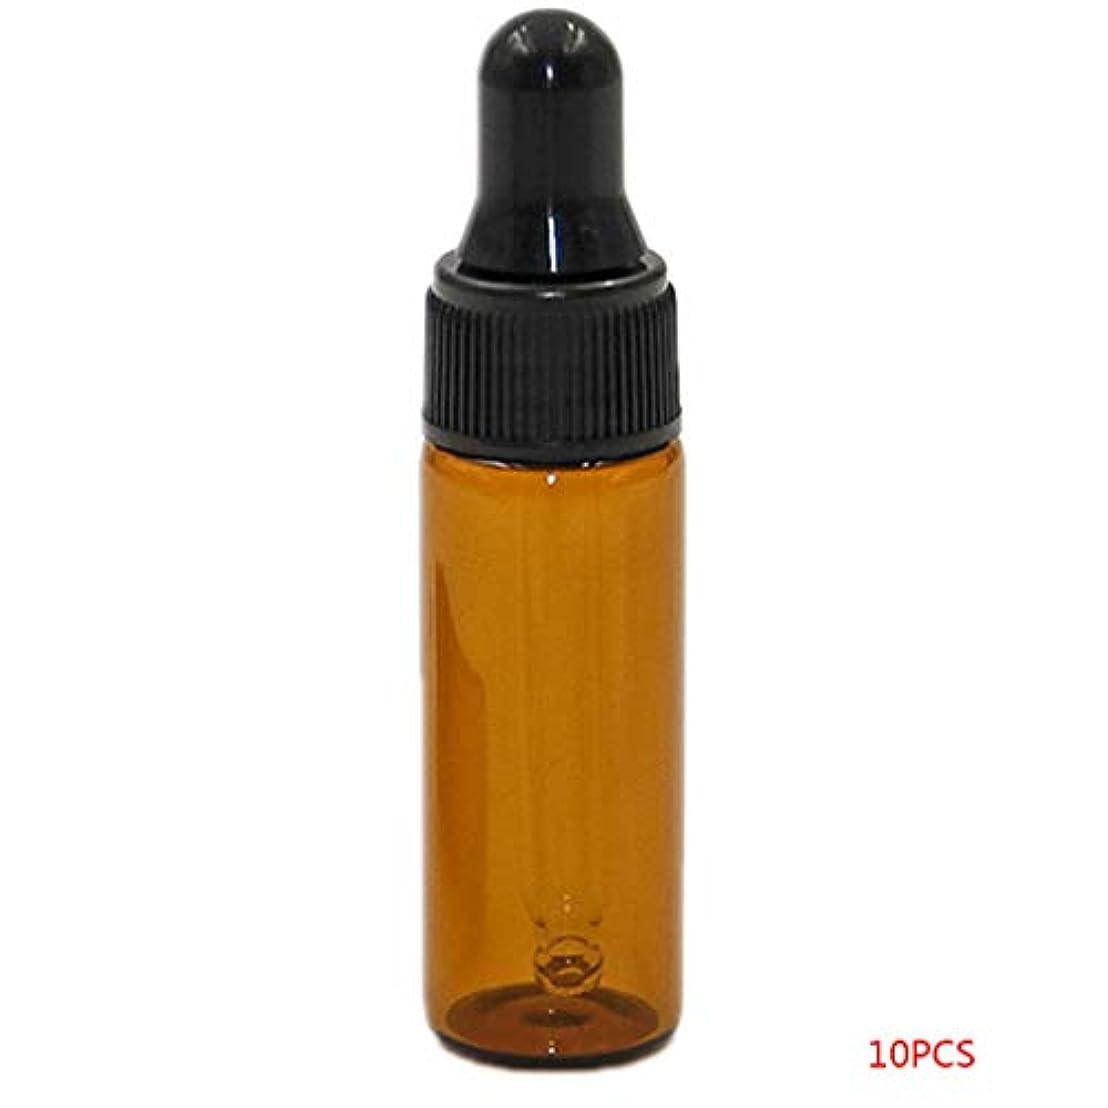 醸造所おもしろいスクラップブックArichops アロマオイル 精油 小分け用 遮光瓶 セット 茶 ガラス アロマ ボトル オイル 用 茶色 瓶 ビン エッセンシャルオイル 保存 詰替え 瓶 ビン